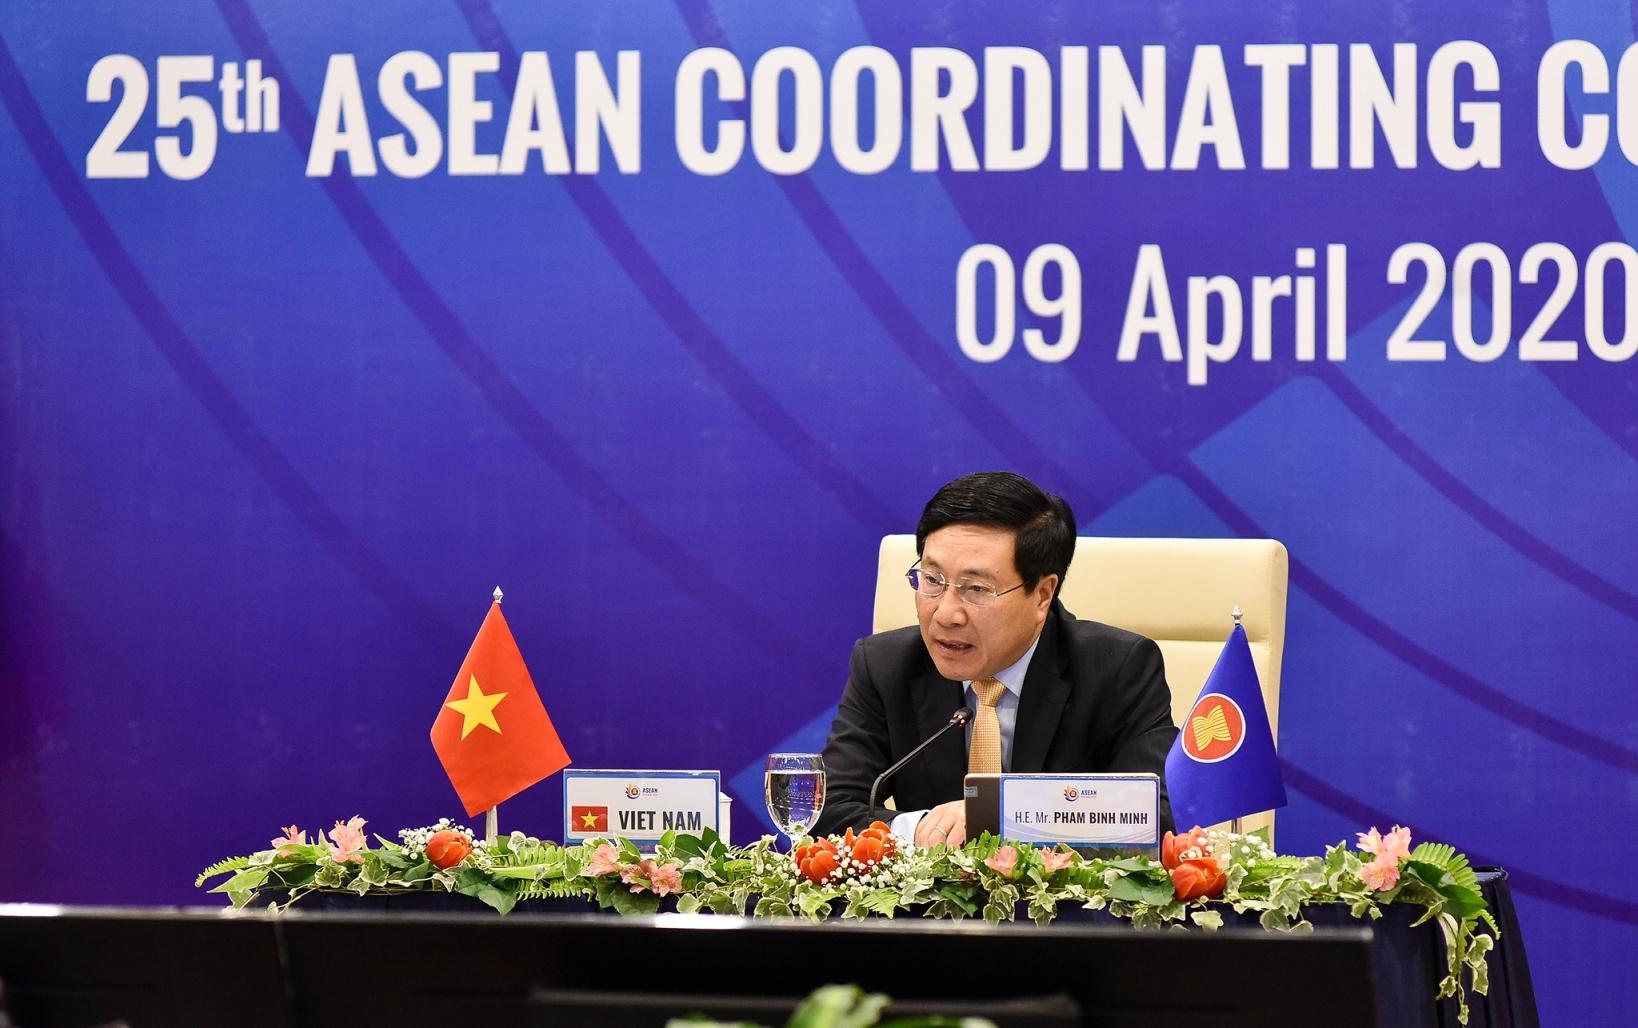 Quyết tâm hợp tác khu vực, quốc tế trong chống dịch COVID-19